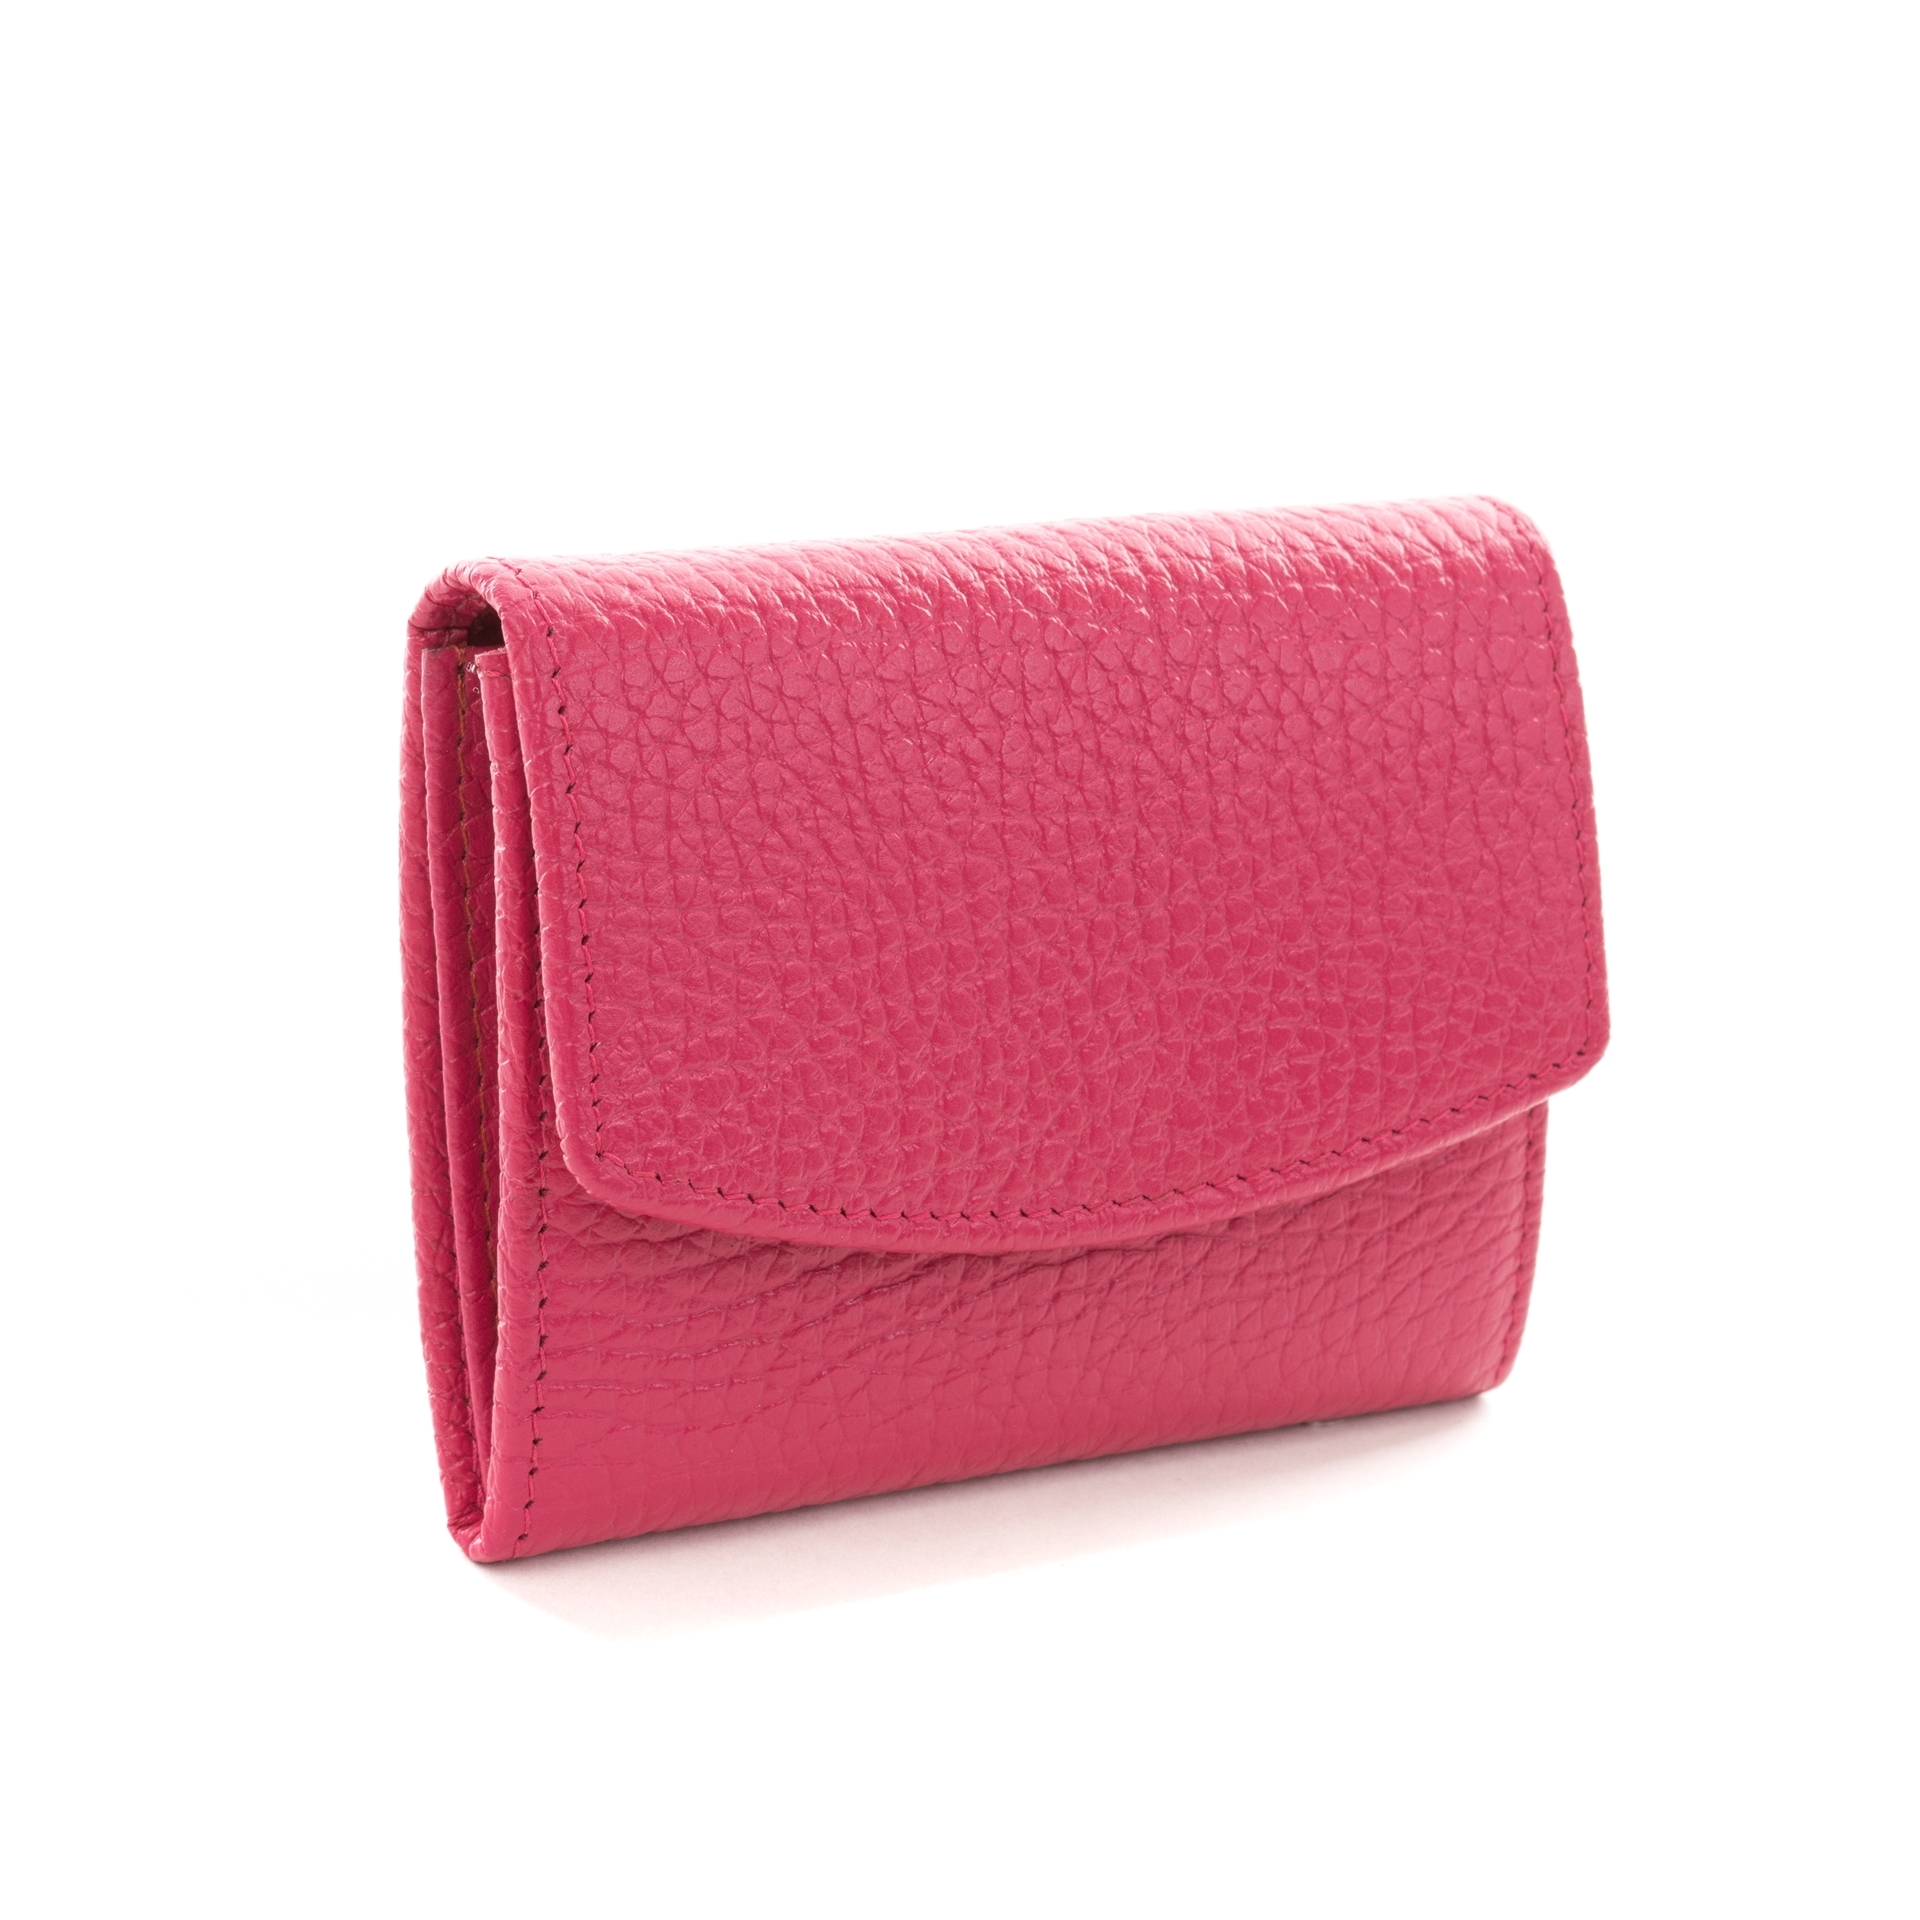 コインケース/ピンク